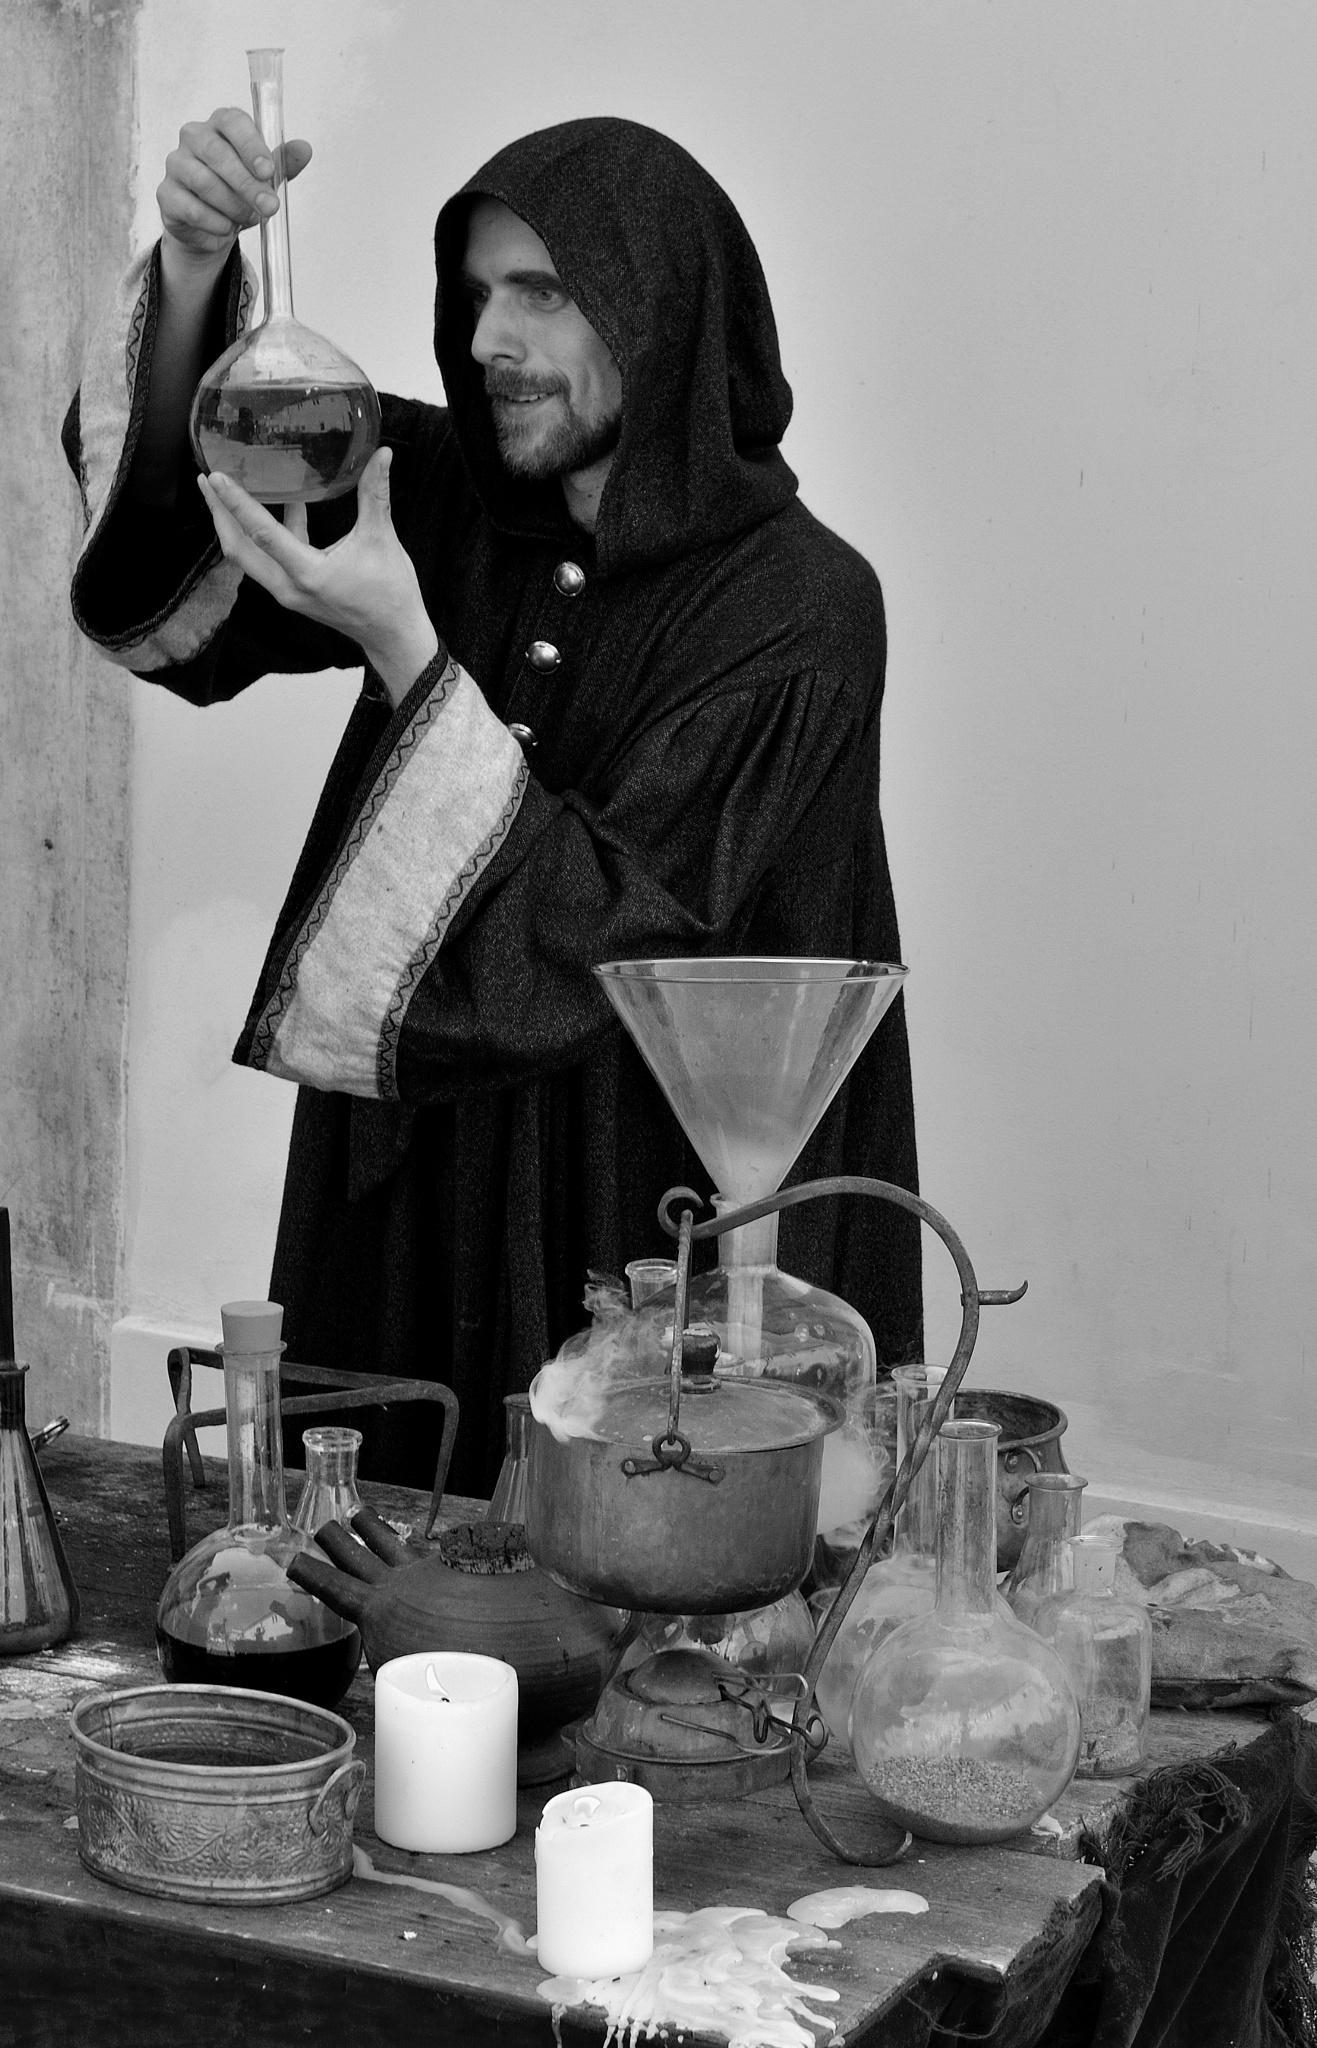 street alchemist by Edwards